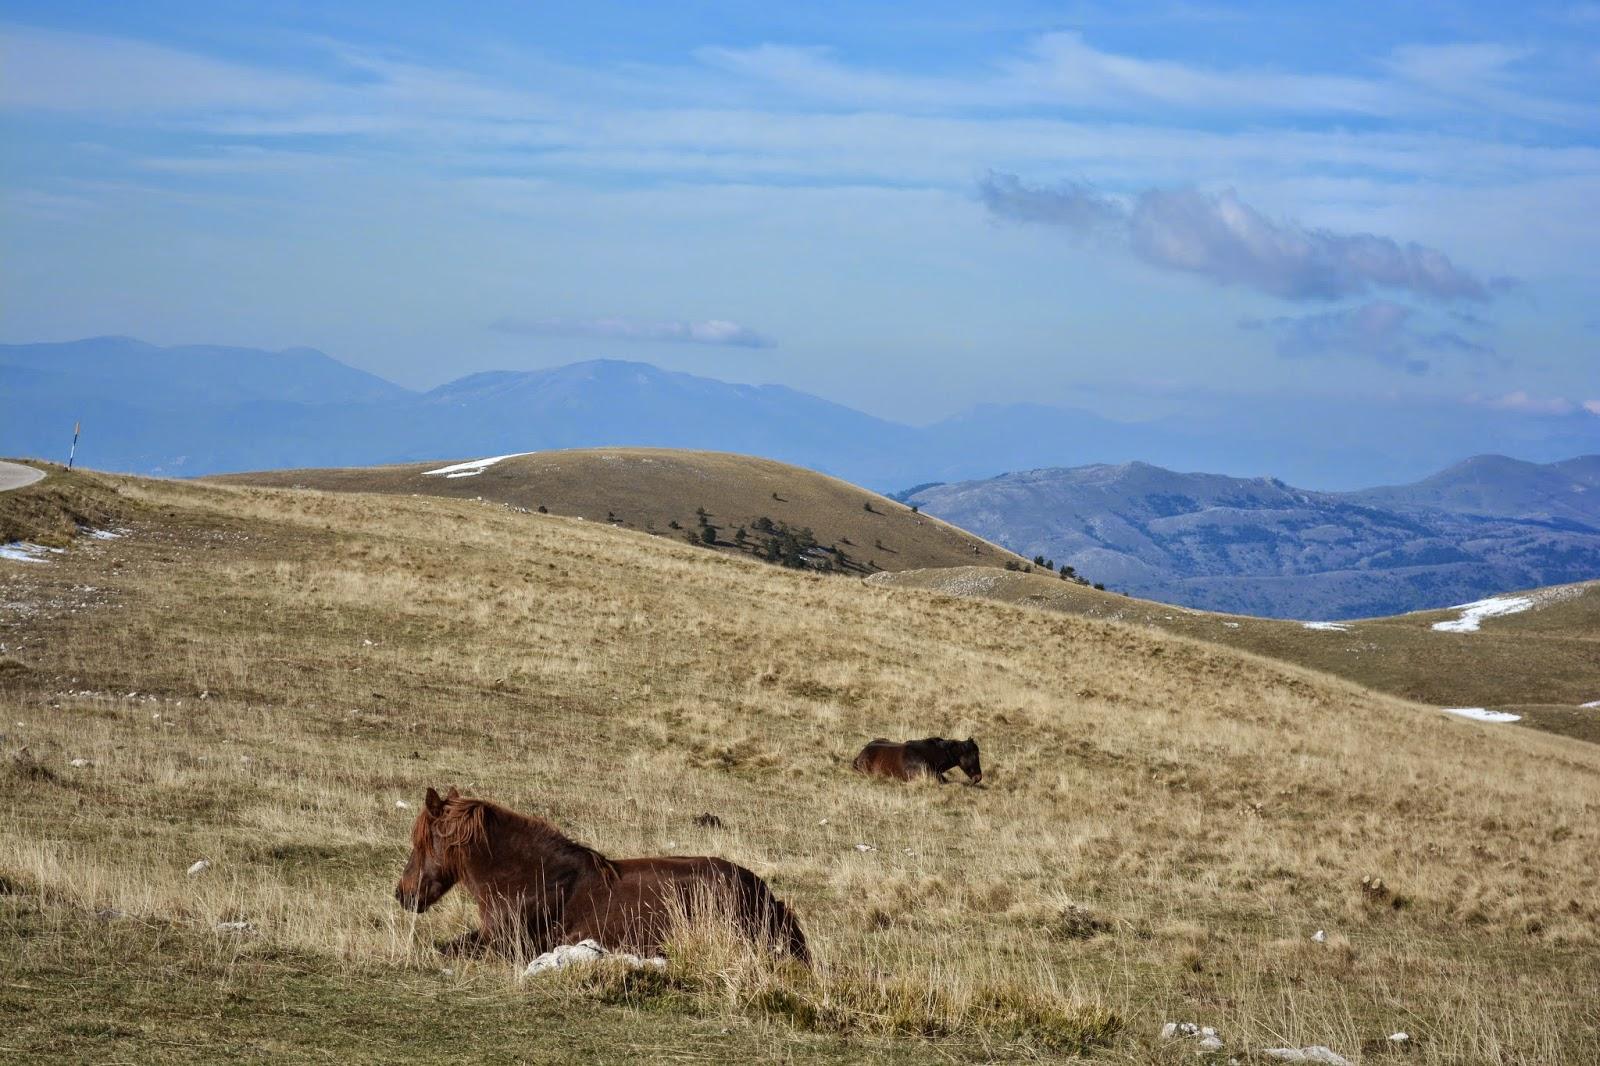 полу дикие кони на склоне горы в Италии